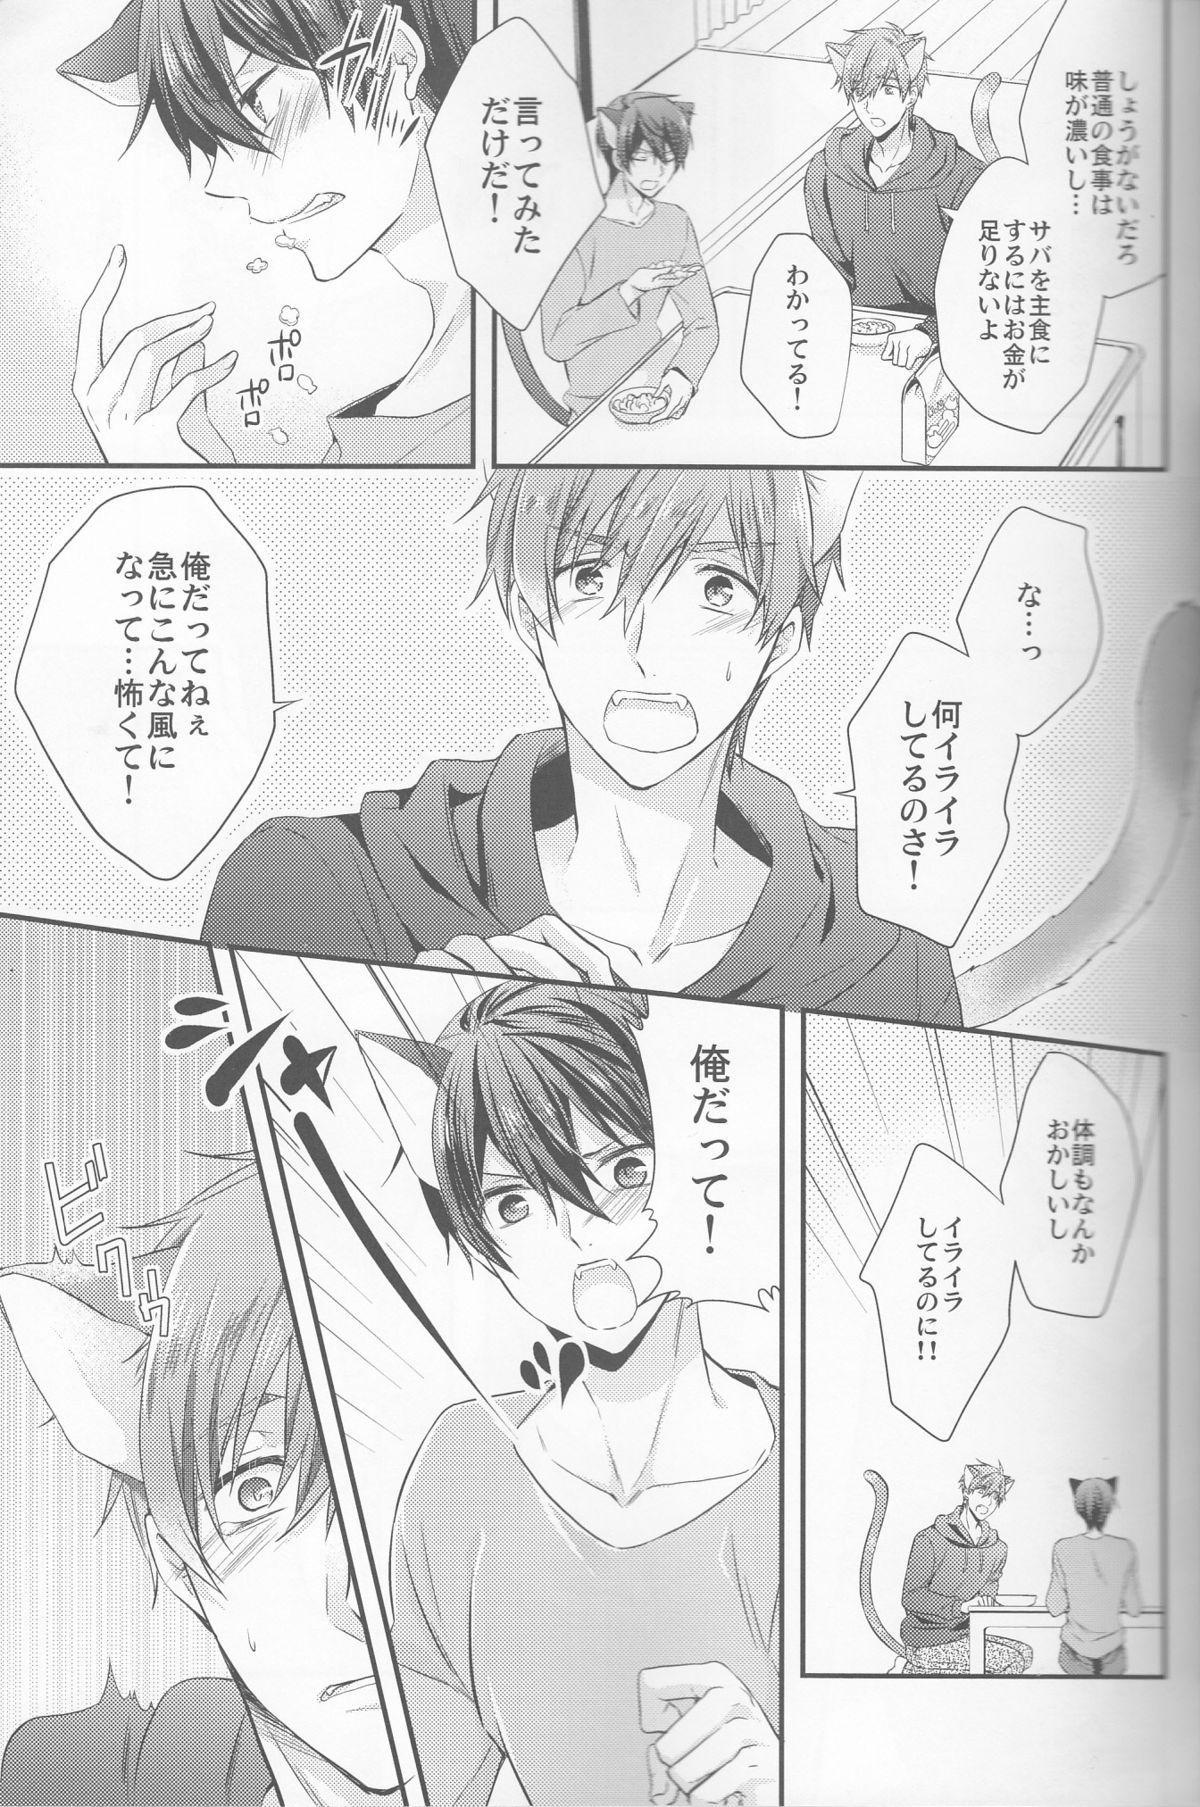 Kururu Kururu to Nodo ga Nari 5